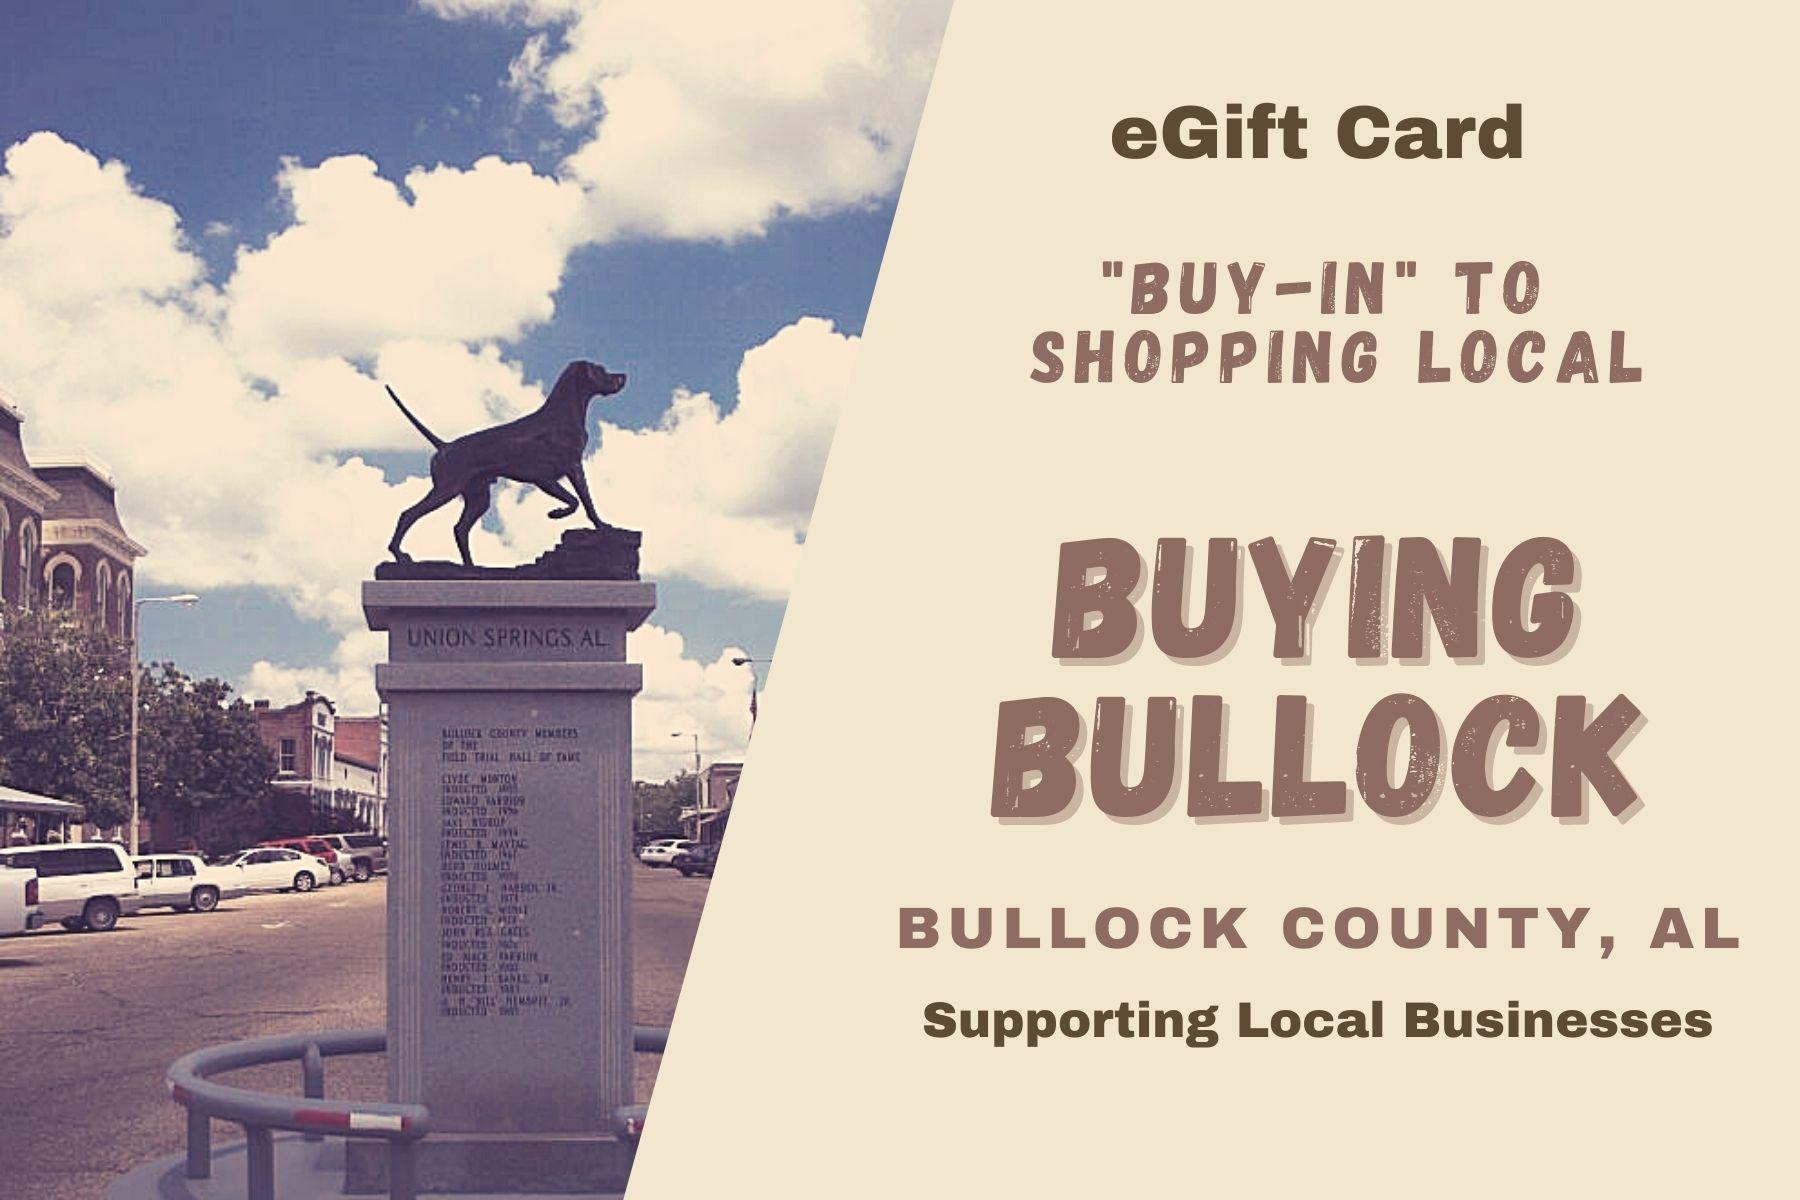 Buying Bullock Digital Gift